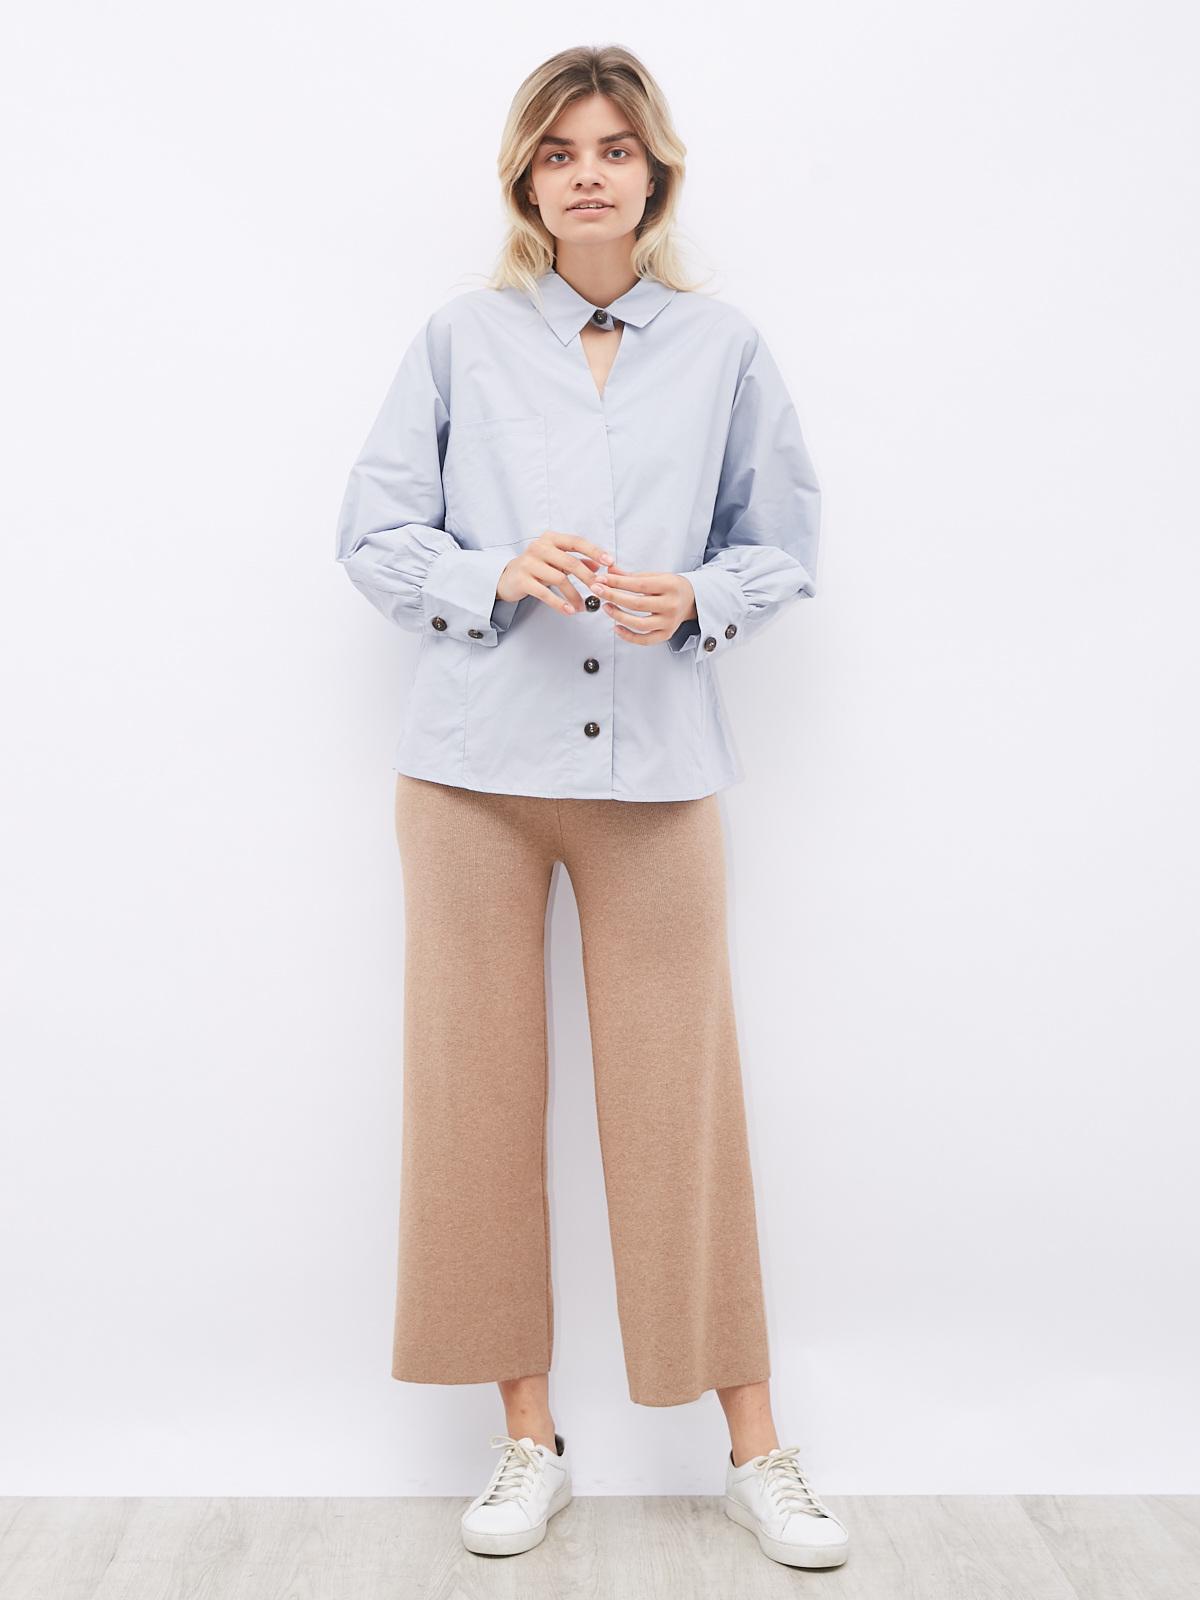 Блуза с застежкой на шее и тремя пуговицами